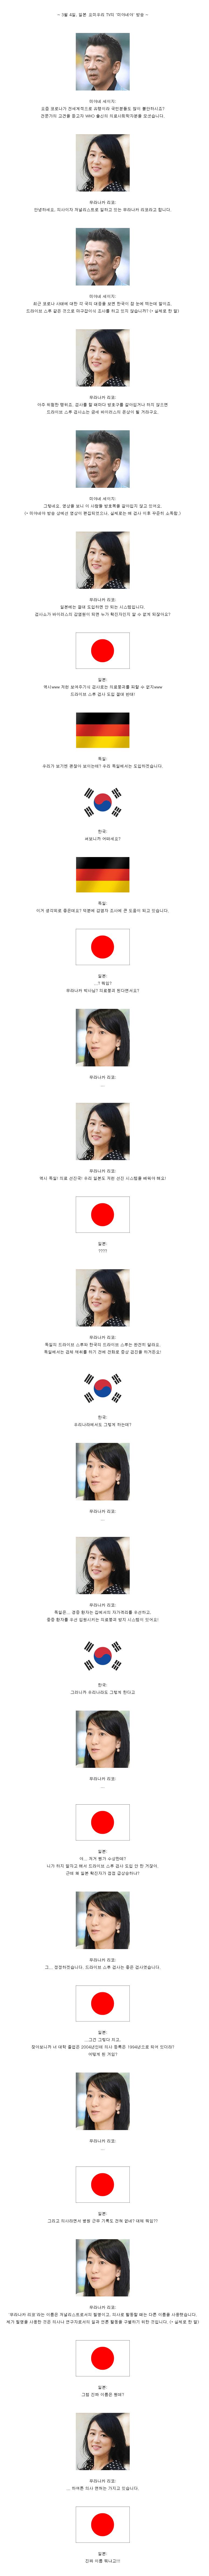 '드라이브 스루 검사' 비판하던 일본 의사 근황.png '드라이브 스루 검사' 비판하던 일본 의사 근황